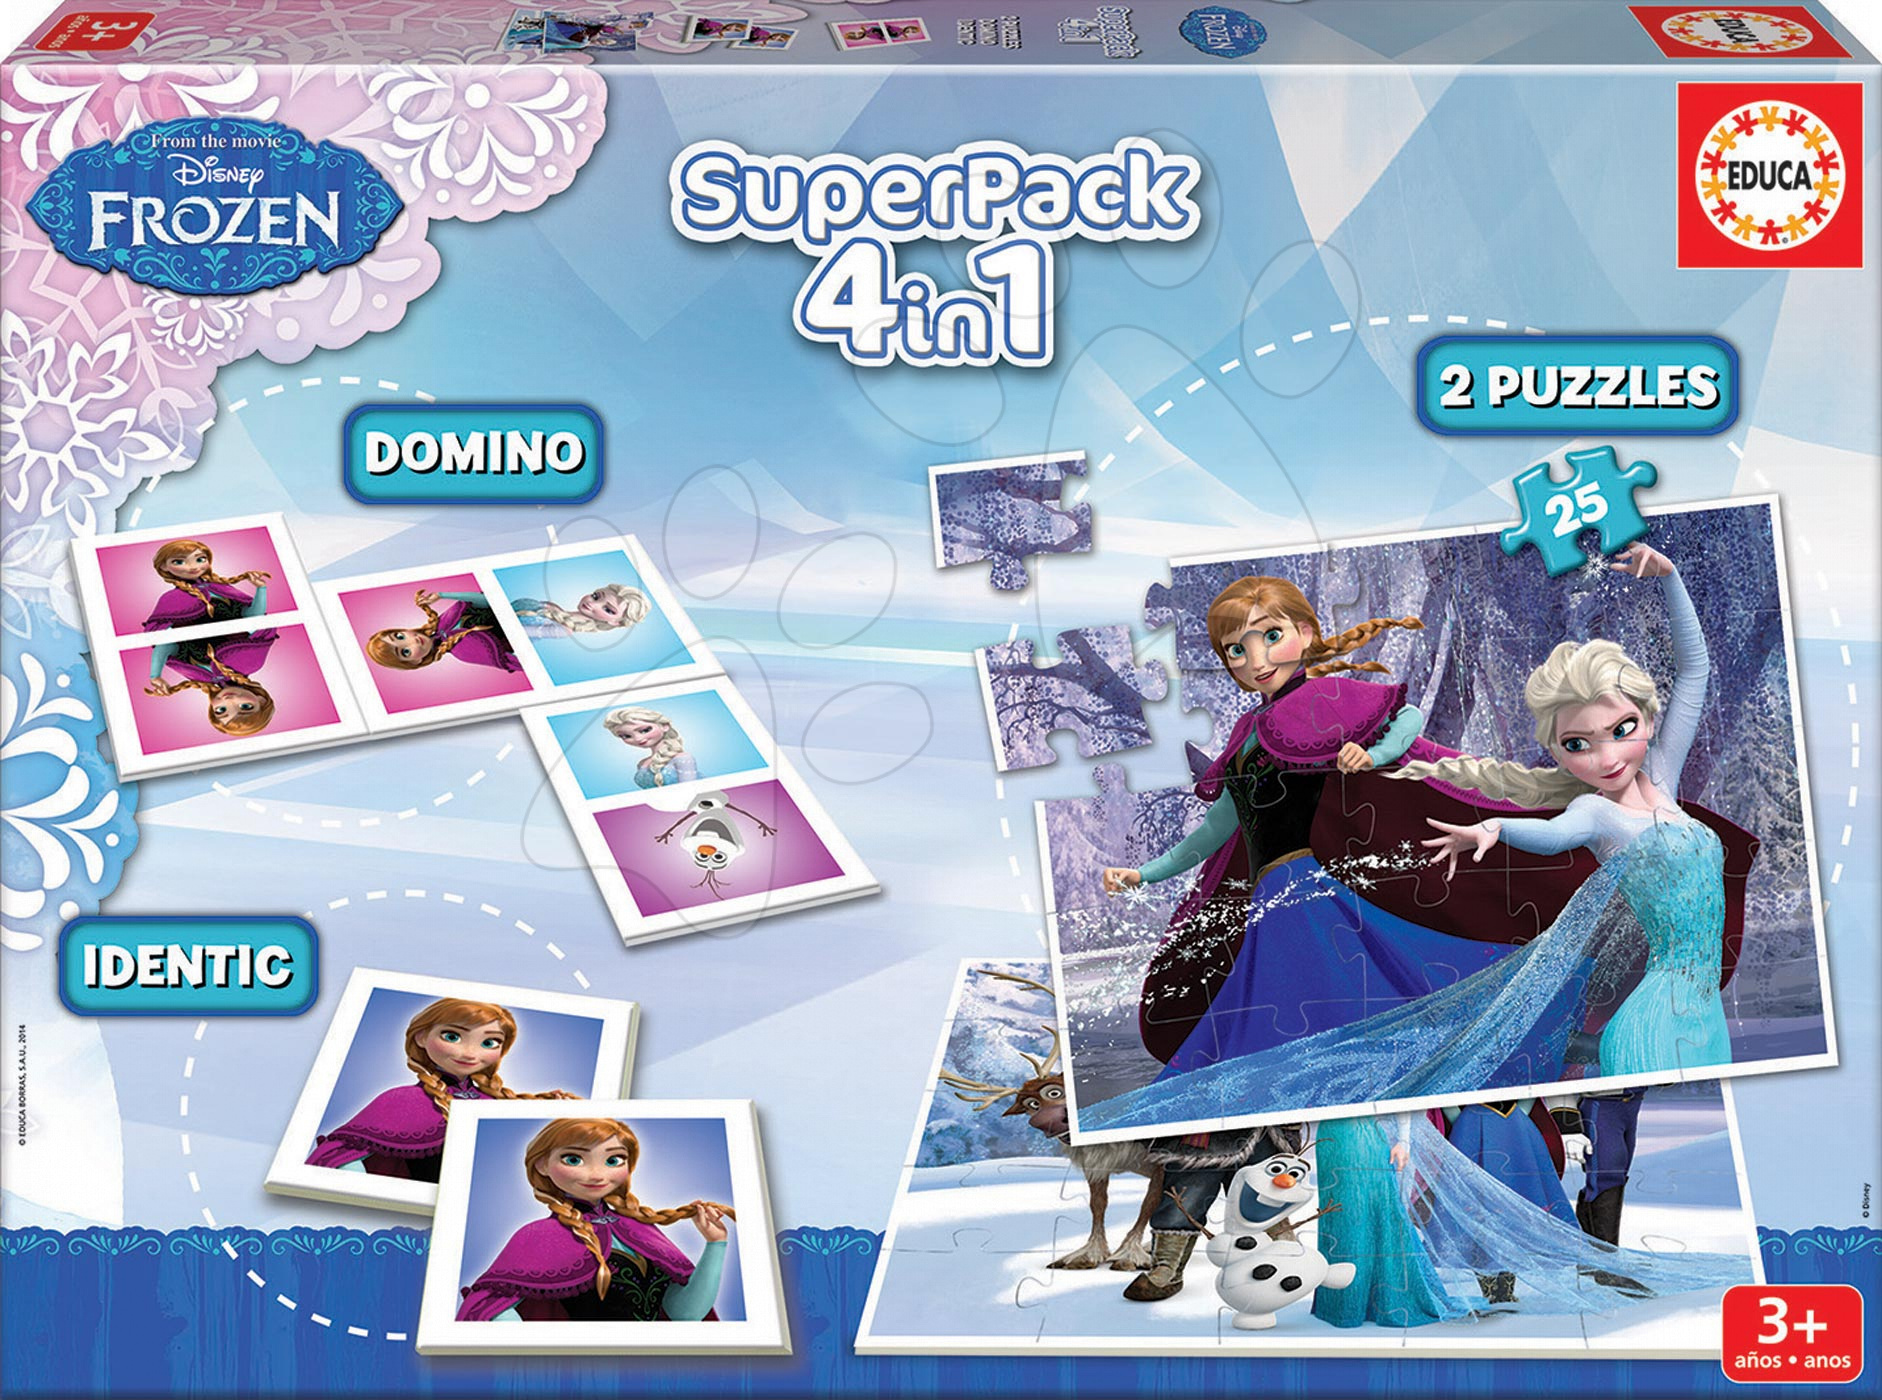 Progresívne detské puzzle - Puzzle SuperPack Frozen 4 v 1 Educa 2x puzzle, domino a pexeso, progresívne